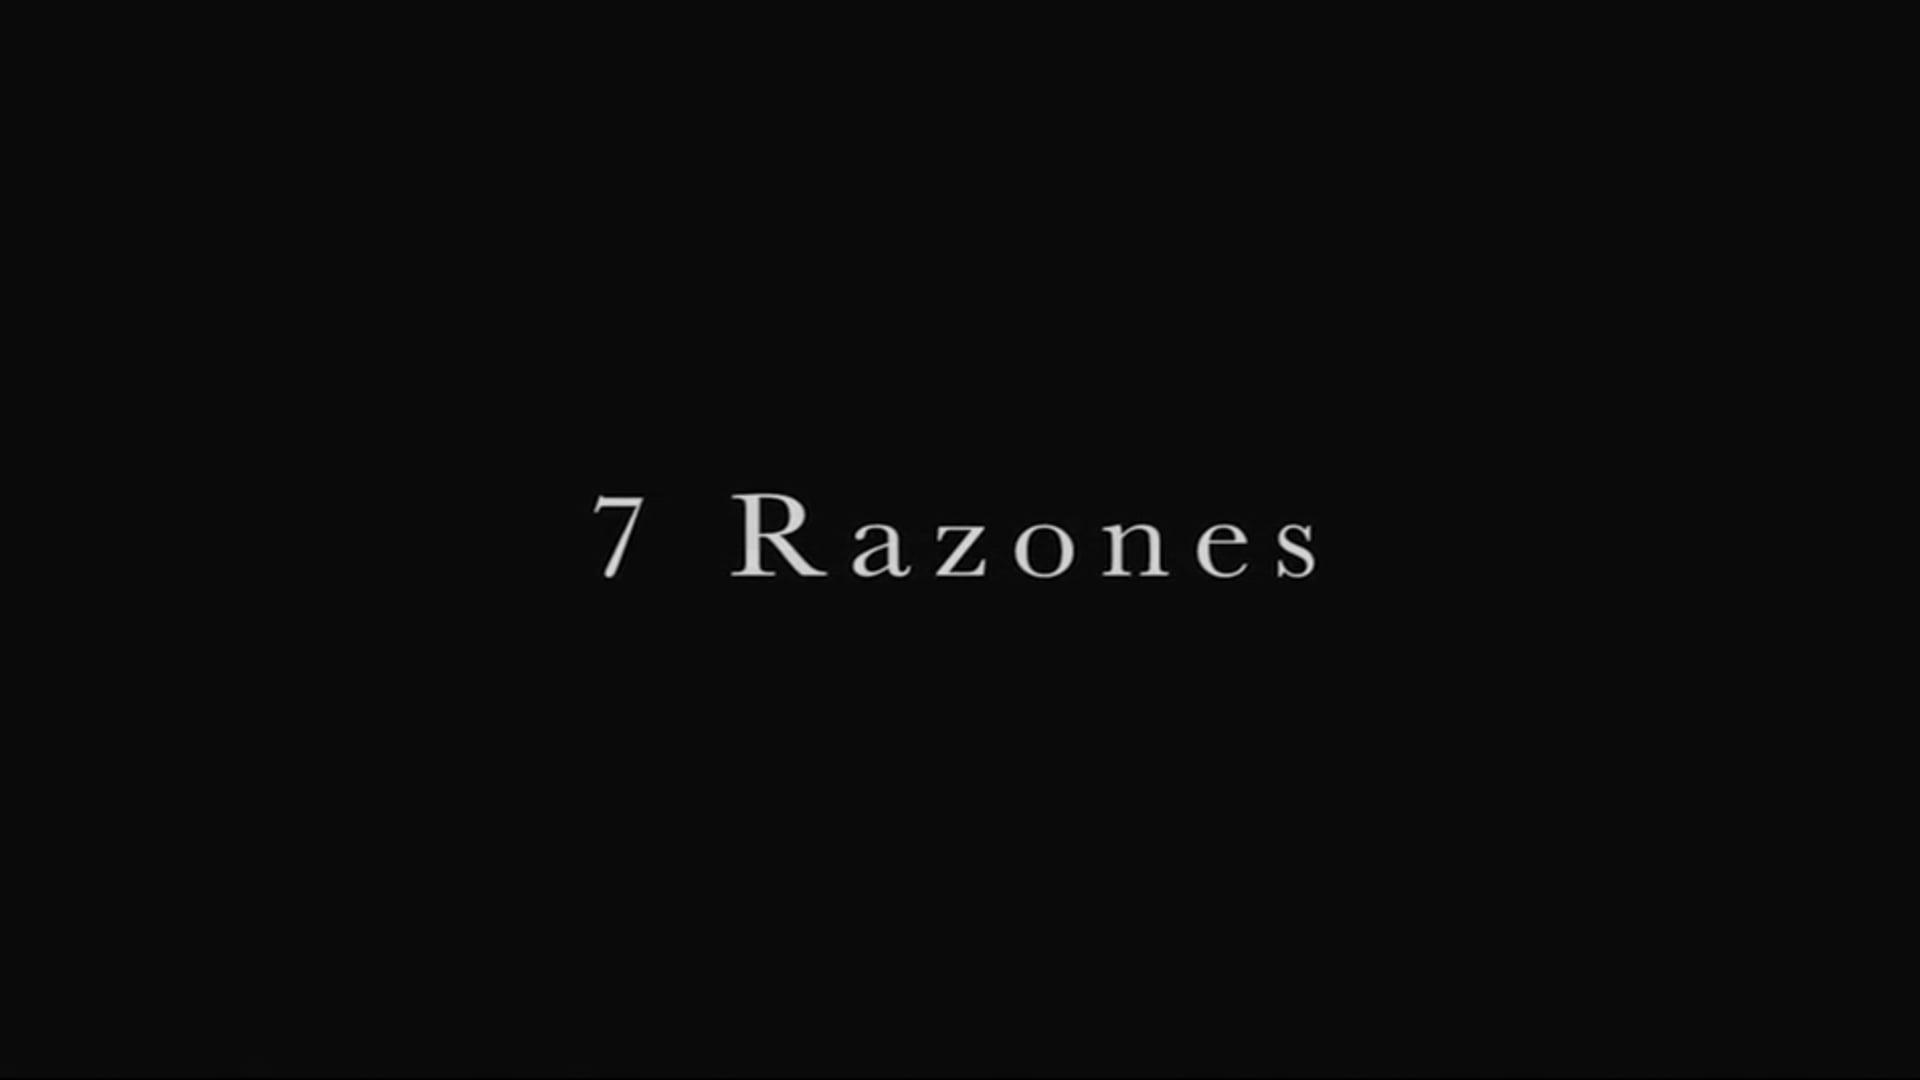 7 Razones LONG 2